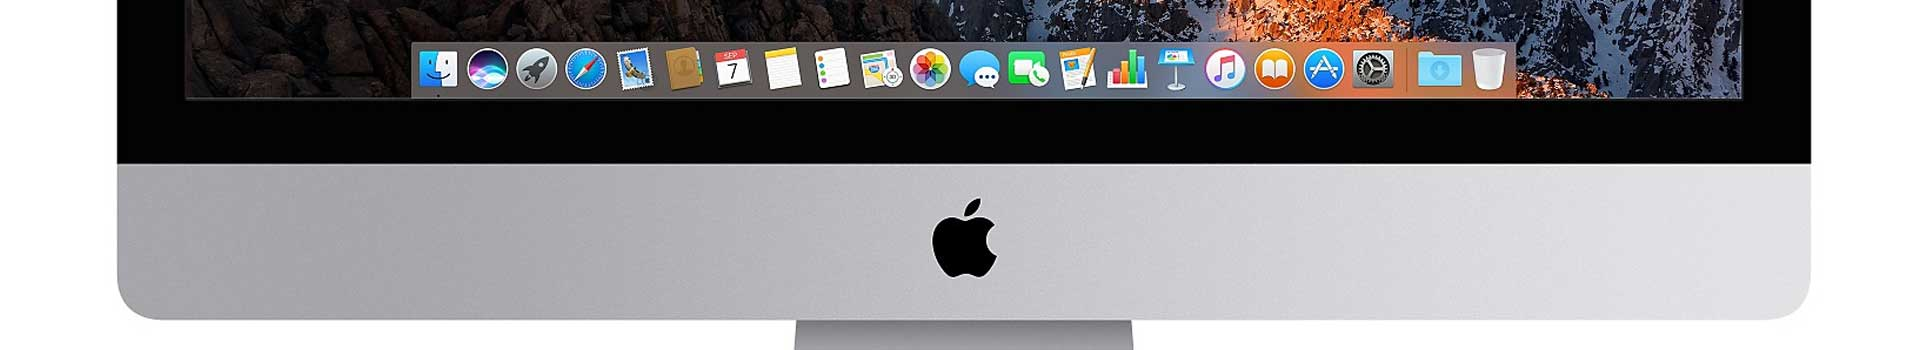 Reparación de iMac. Servicio Técnico Apple.